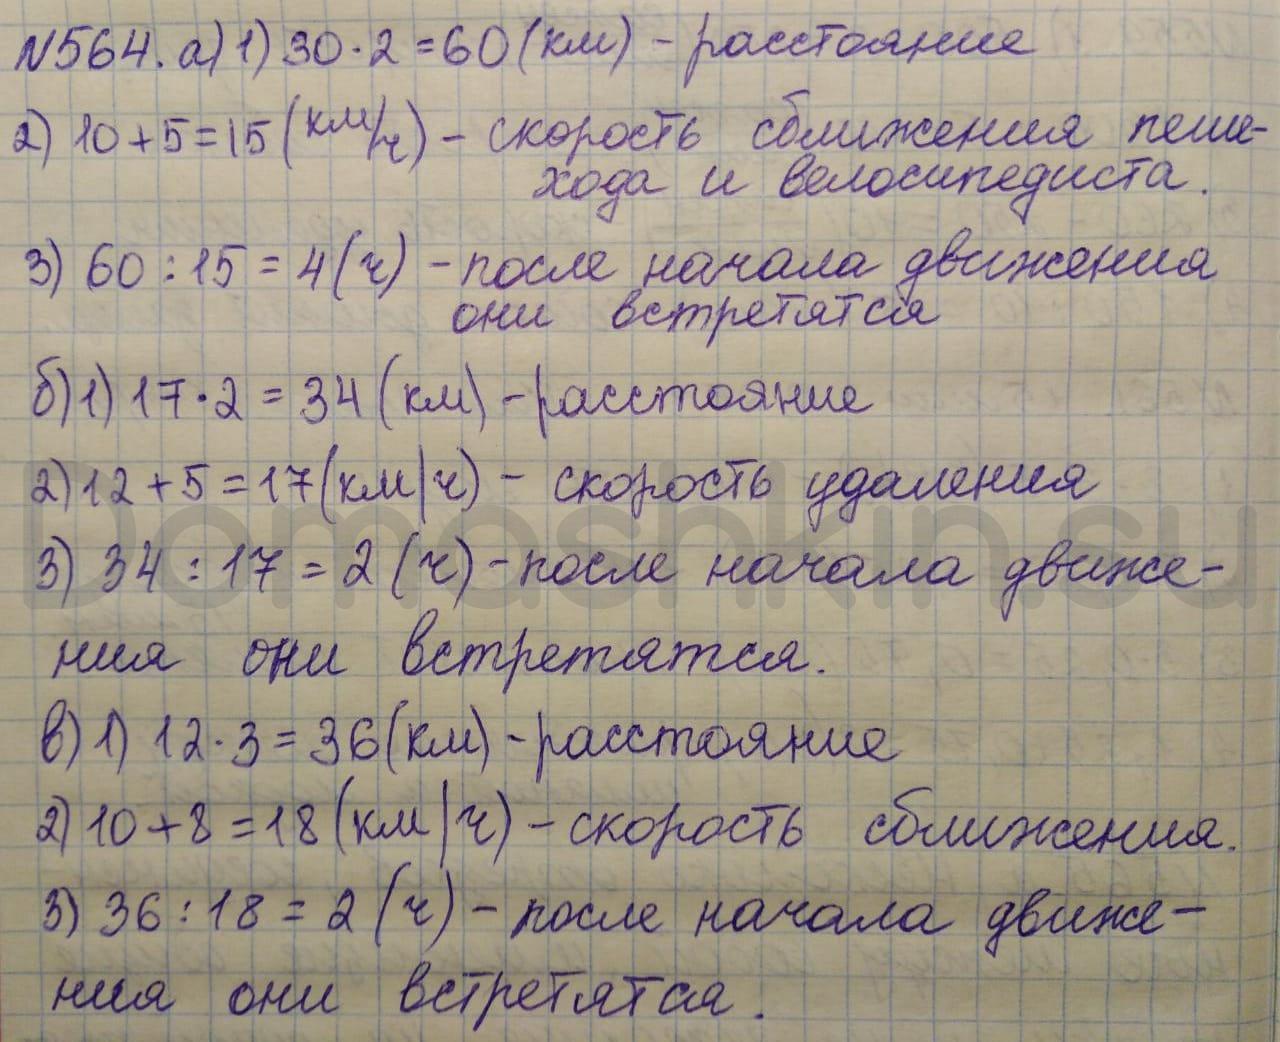 Математика 5 класс учебник Никольский номер 564 решение